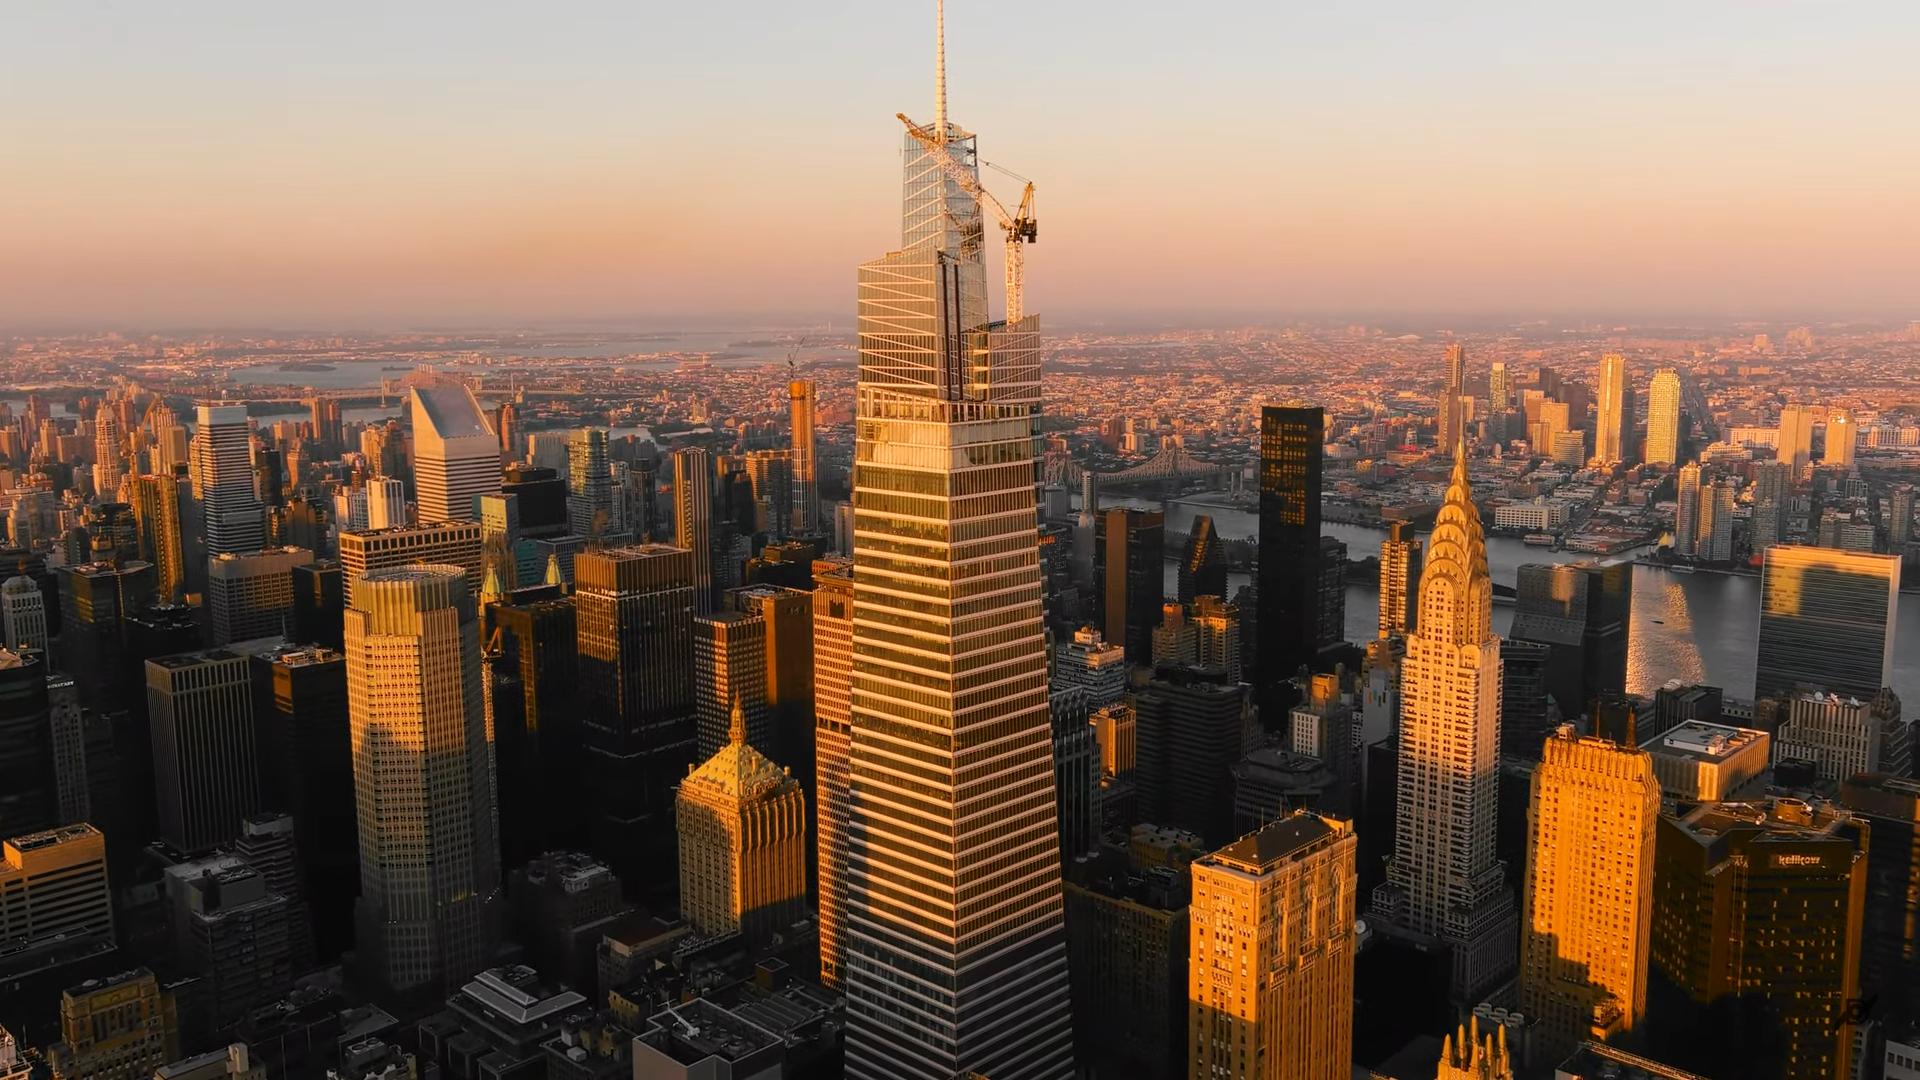 New York. Un nou zgârie-nori inaugurat, al doilea ca mărime din Manhattan, în ciuda crizei provocate de pandemie. Investiția se ridică la 3.3 miliarde de dolari, iar spațiile vor fi ocupate până la finalul anului. - Biziday